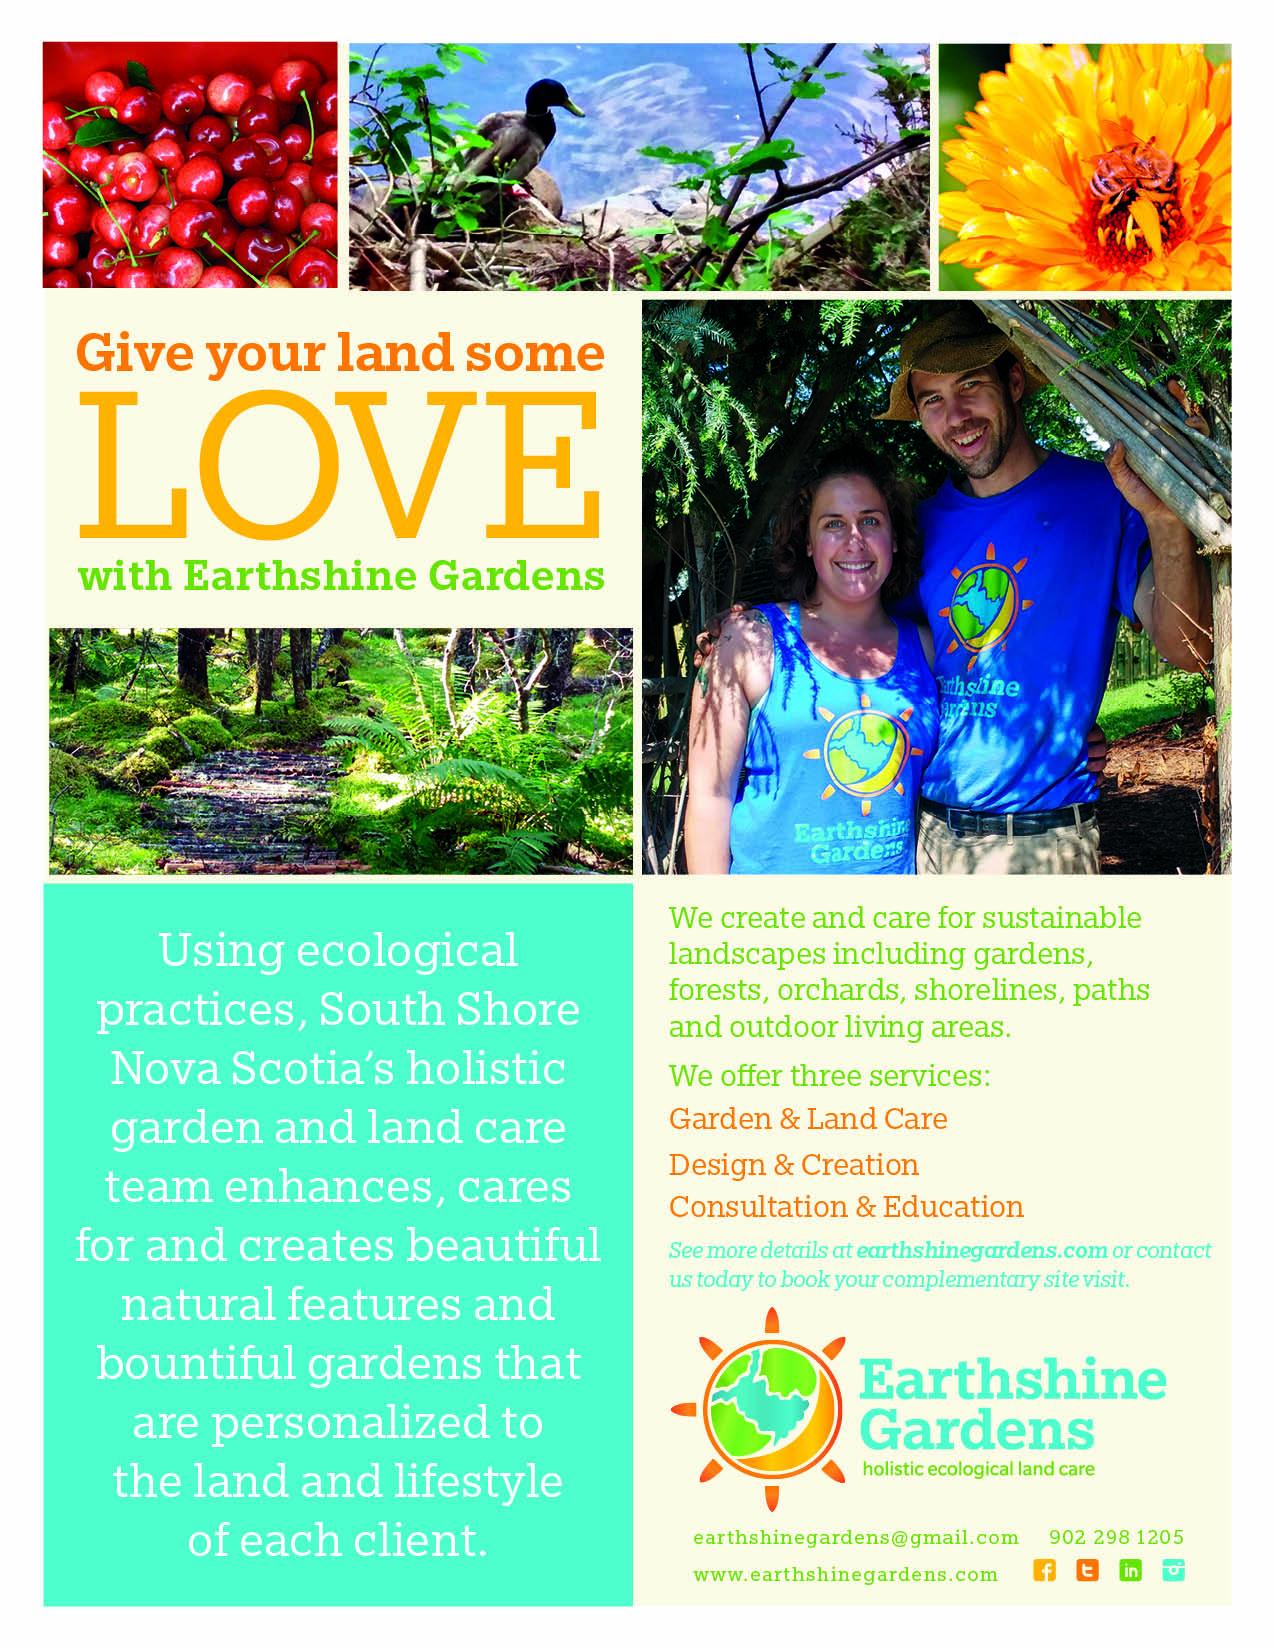 Earthshine Gardens Poster 2018.jpg